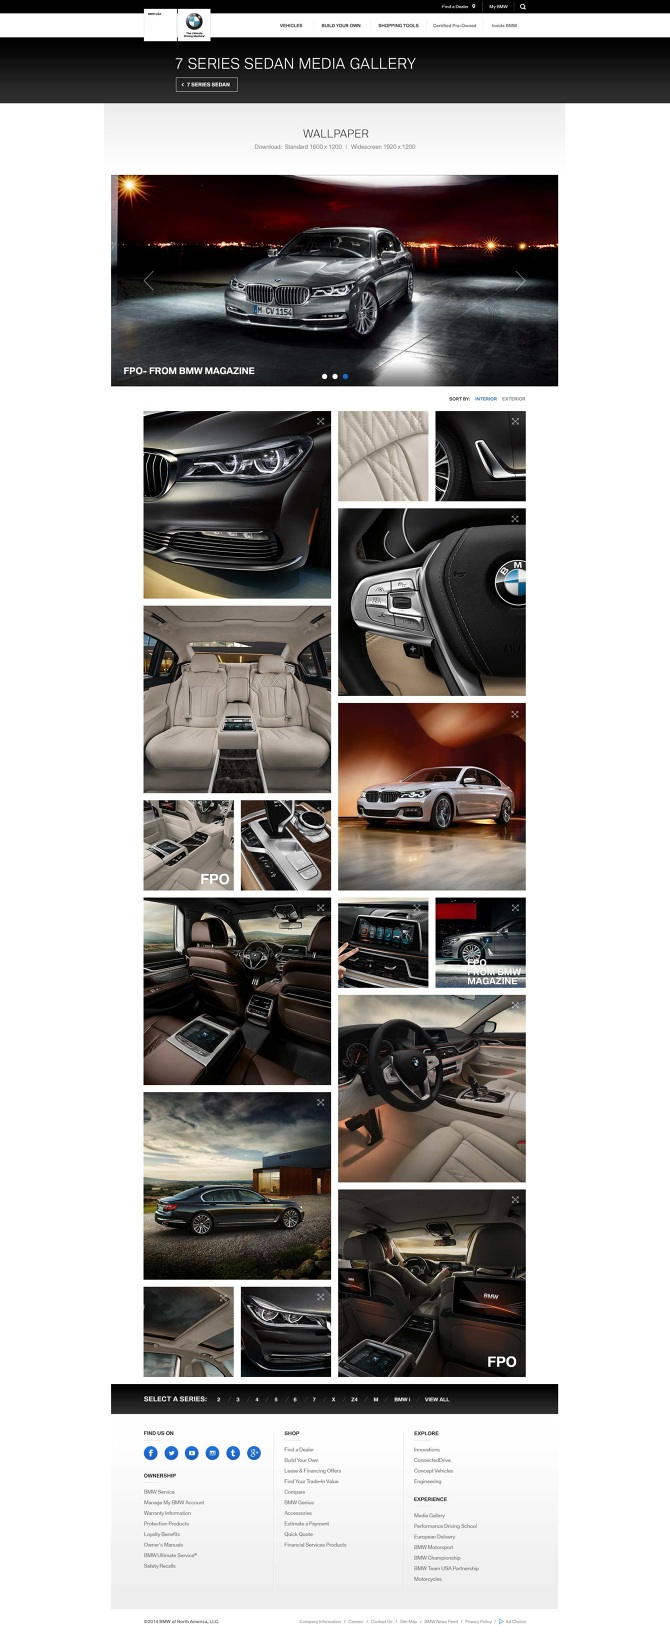 BMWRedesign_P2_7Series_Gallery_Sedan_2016_0415_670.jpg